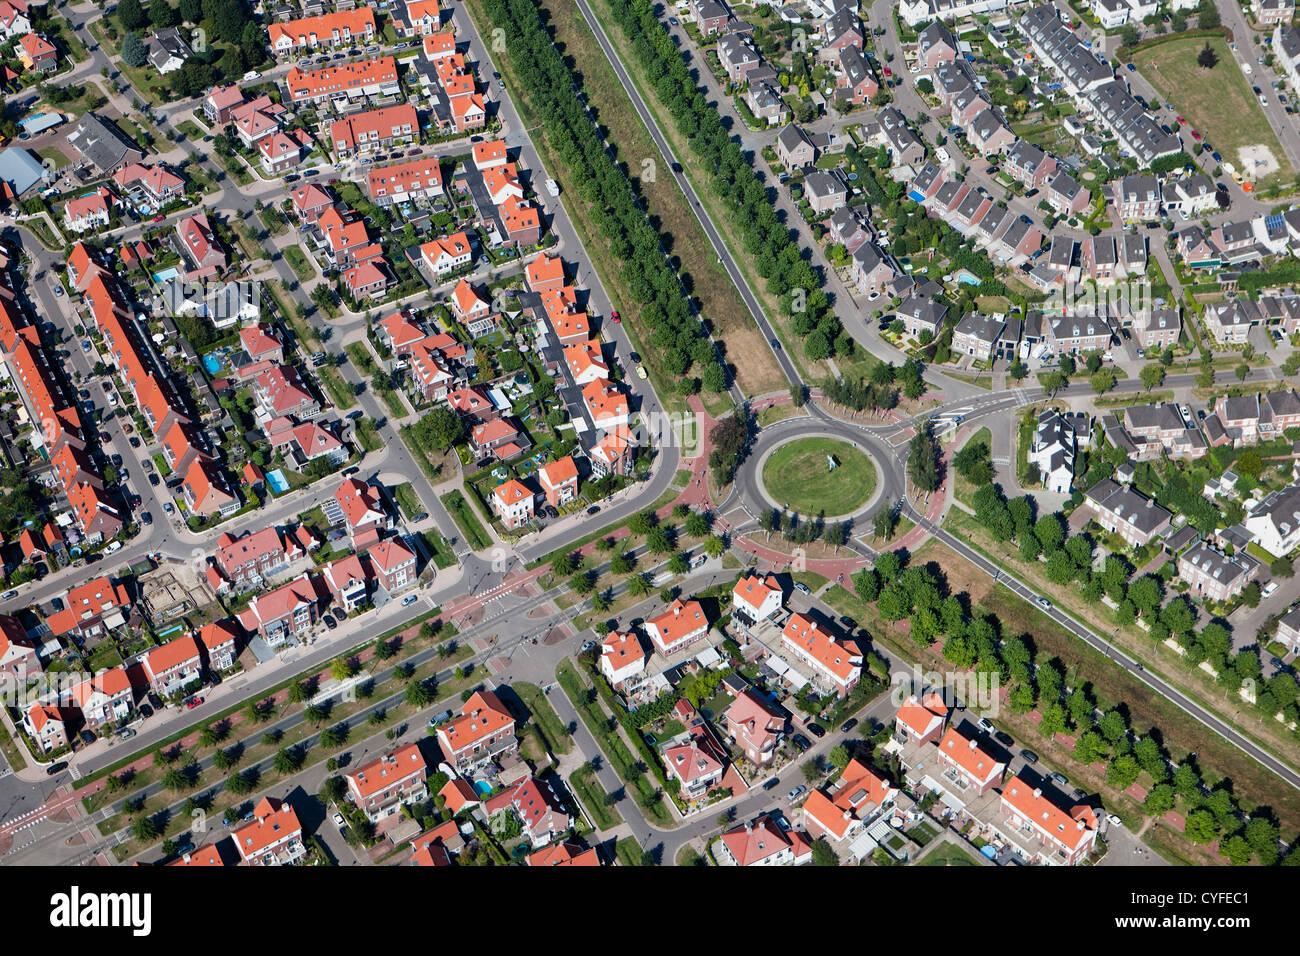 Die Niederlande, Helmond, Wohnviertel Brandevoort genannt. Luft. Stockbild